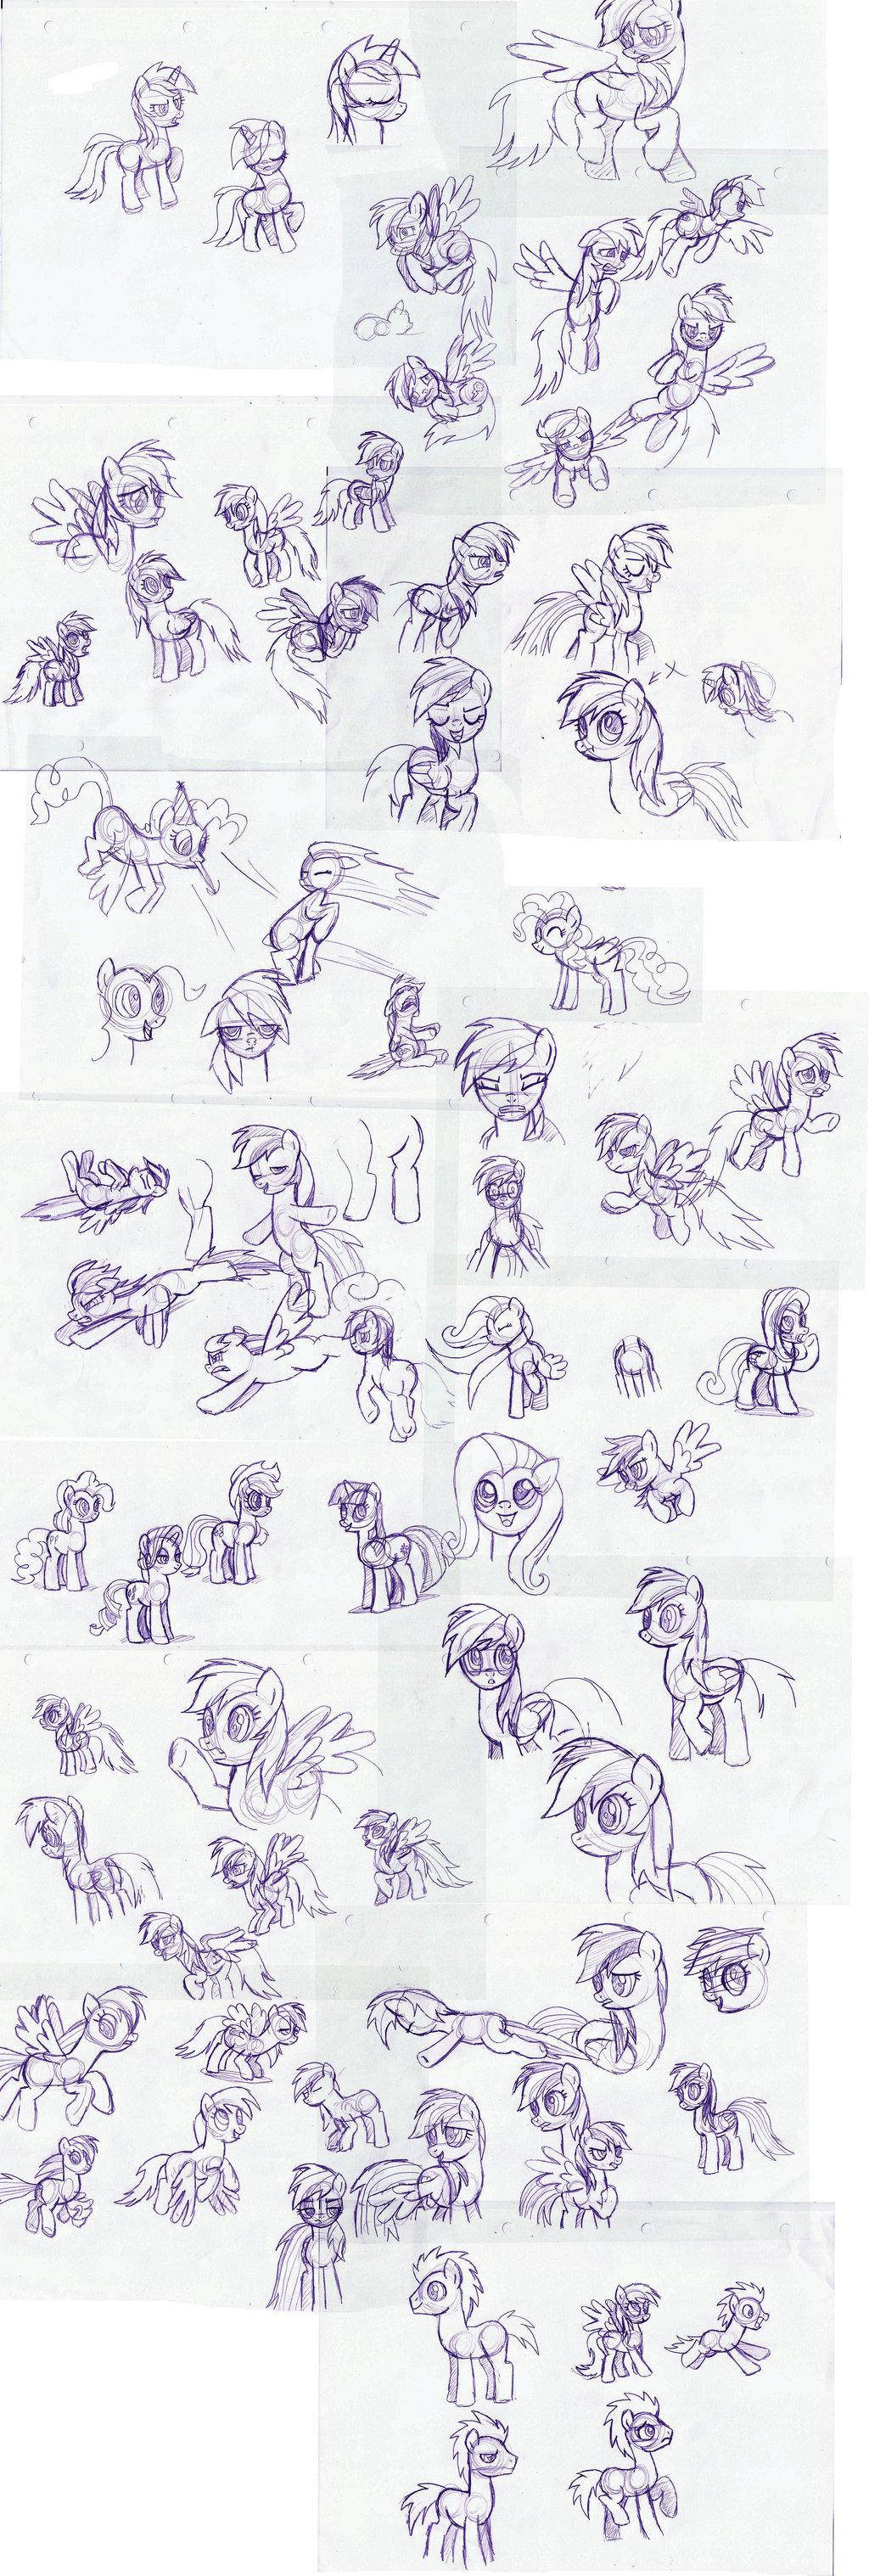 Practicing by Edowaado